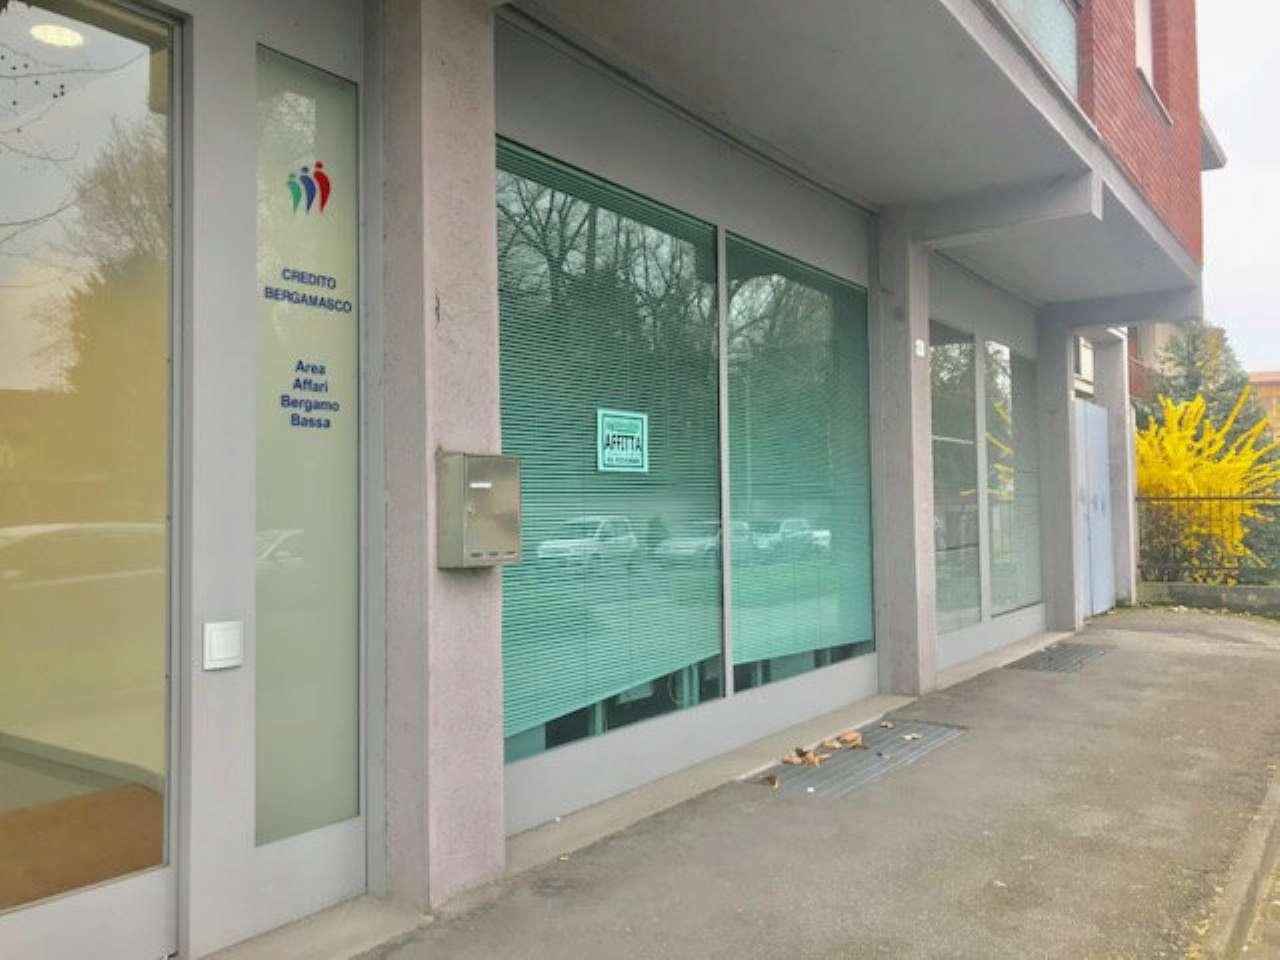 Ufficio / Studio in affitto a Treviglio, 8 locali, prezzo € 3.333 | PortaleAgenzieImmobiliari.it